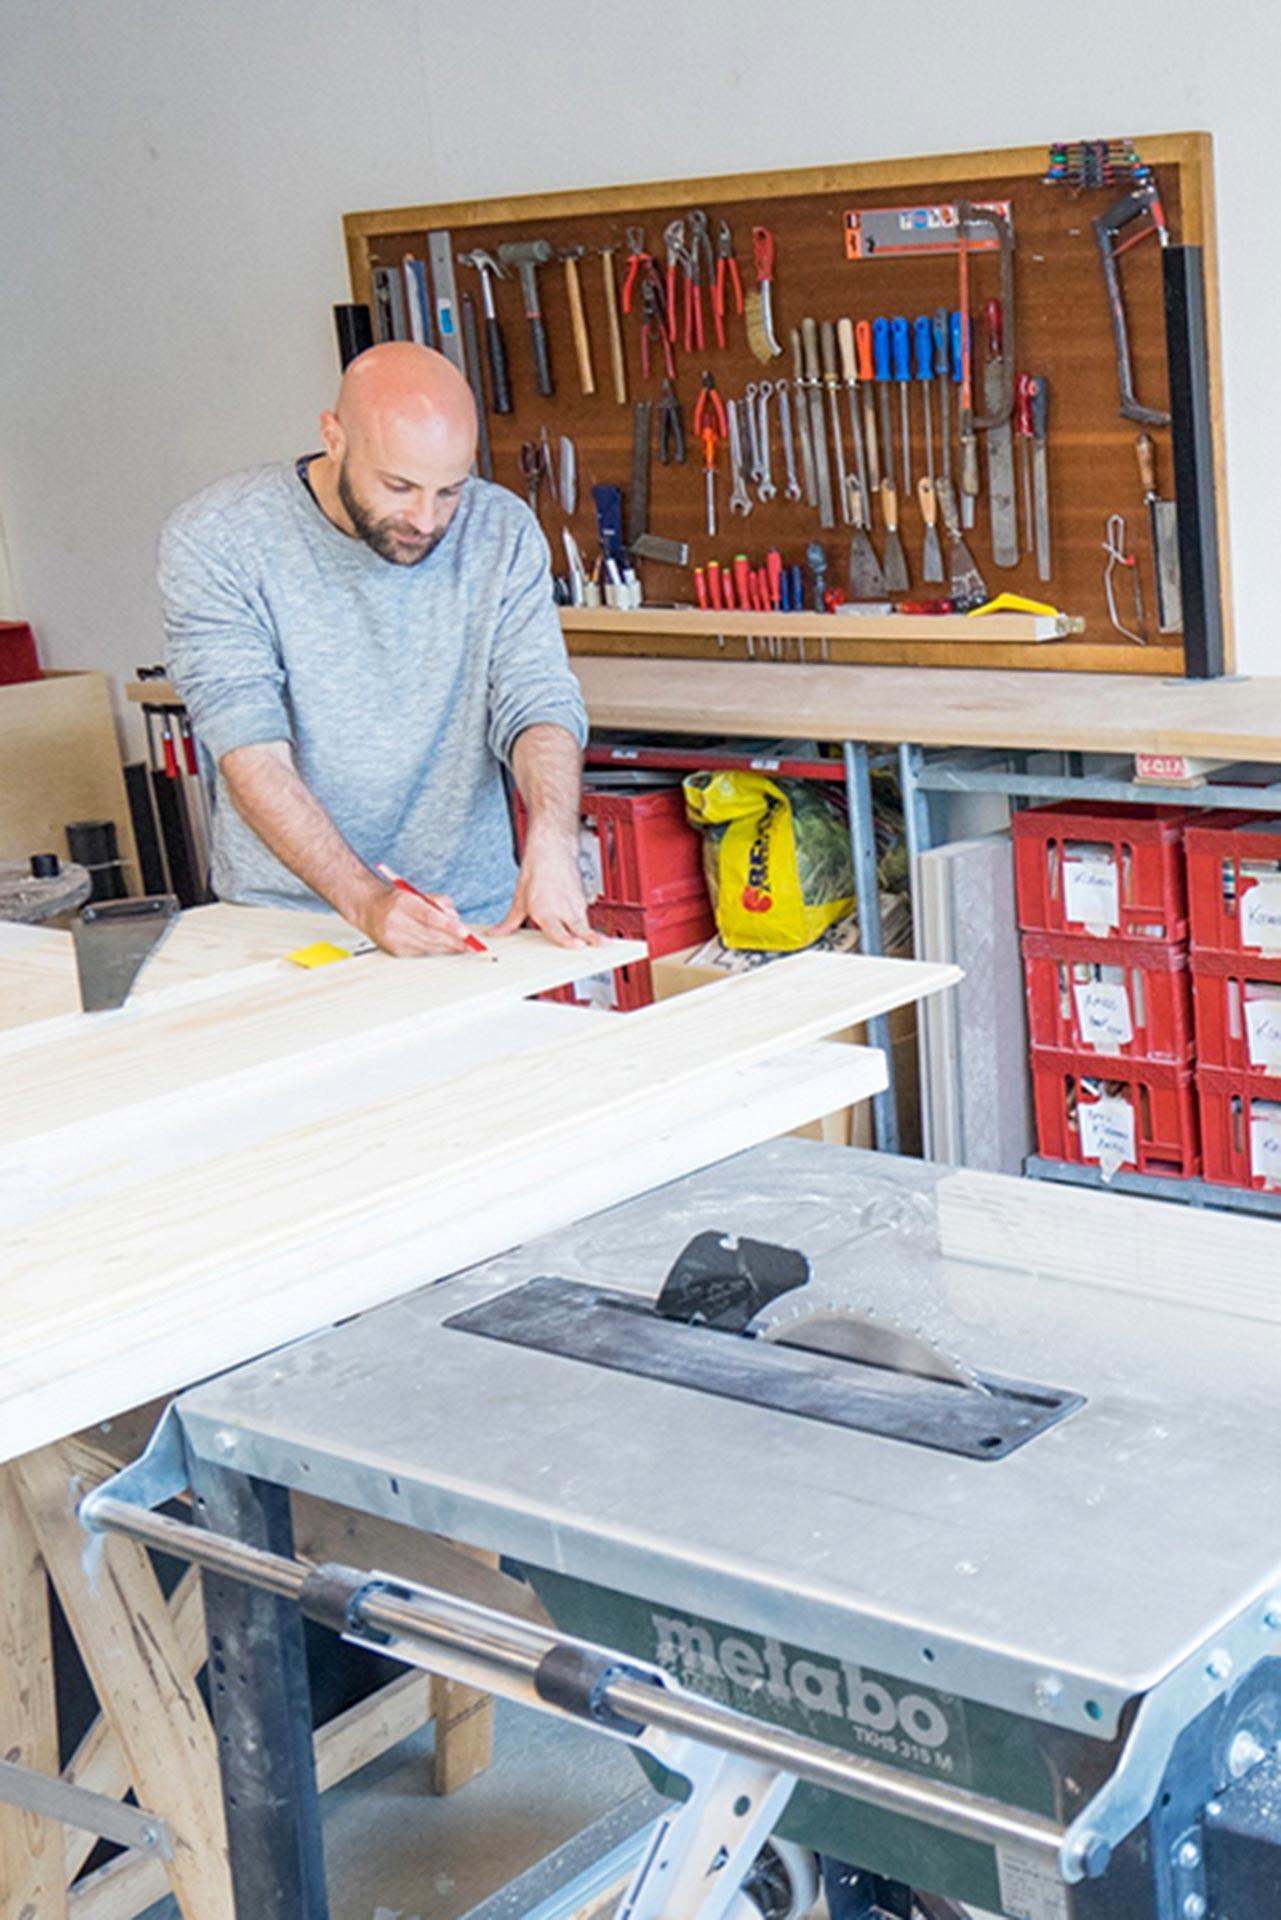 Ein zu einem Werkraum umgewandeltes Studio im Quartier231. Ein Mann schneidet Holz an seiner Tischkreissäge (Metabo TKHS 315 M) zurecht. Im Hintergrund hängt ein voll bestücktes Werkzeugregal oberhalb einer Arbeitsplatte